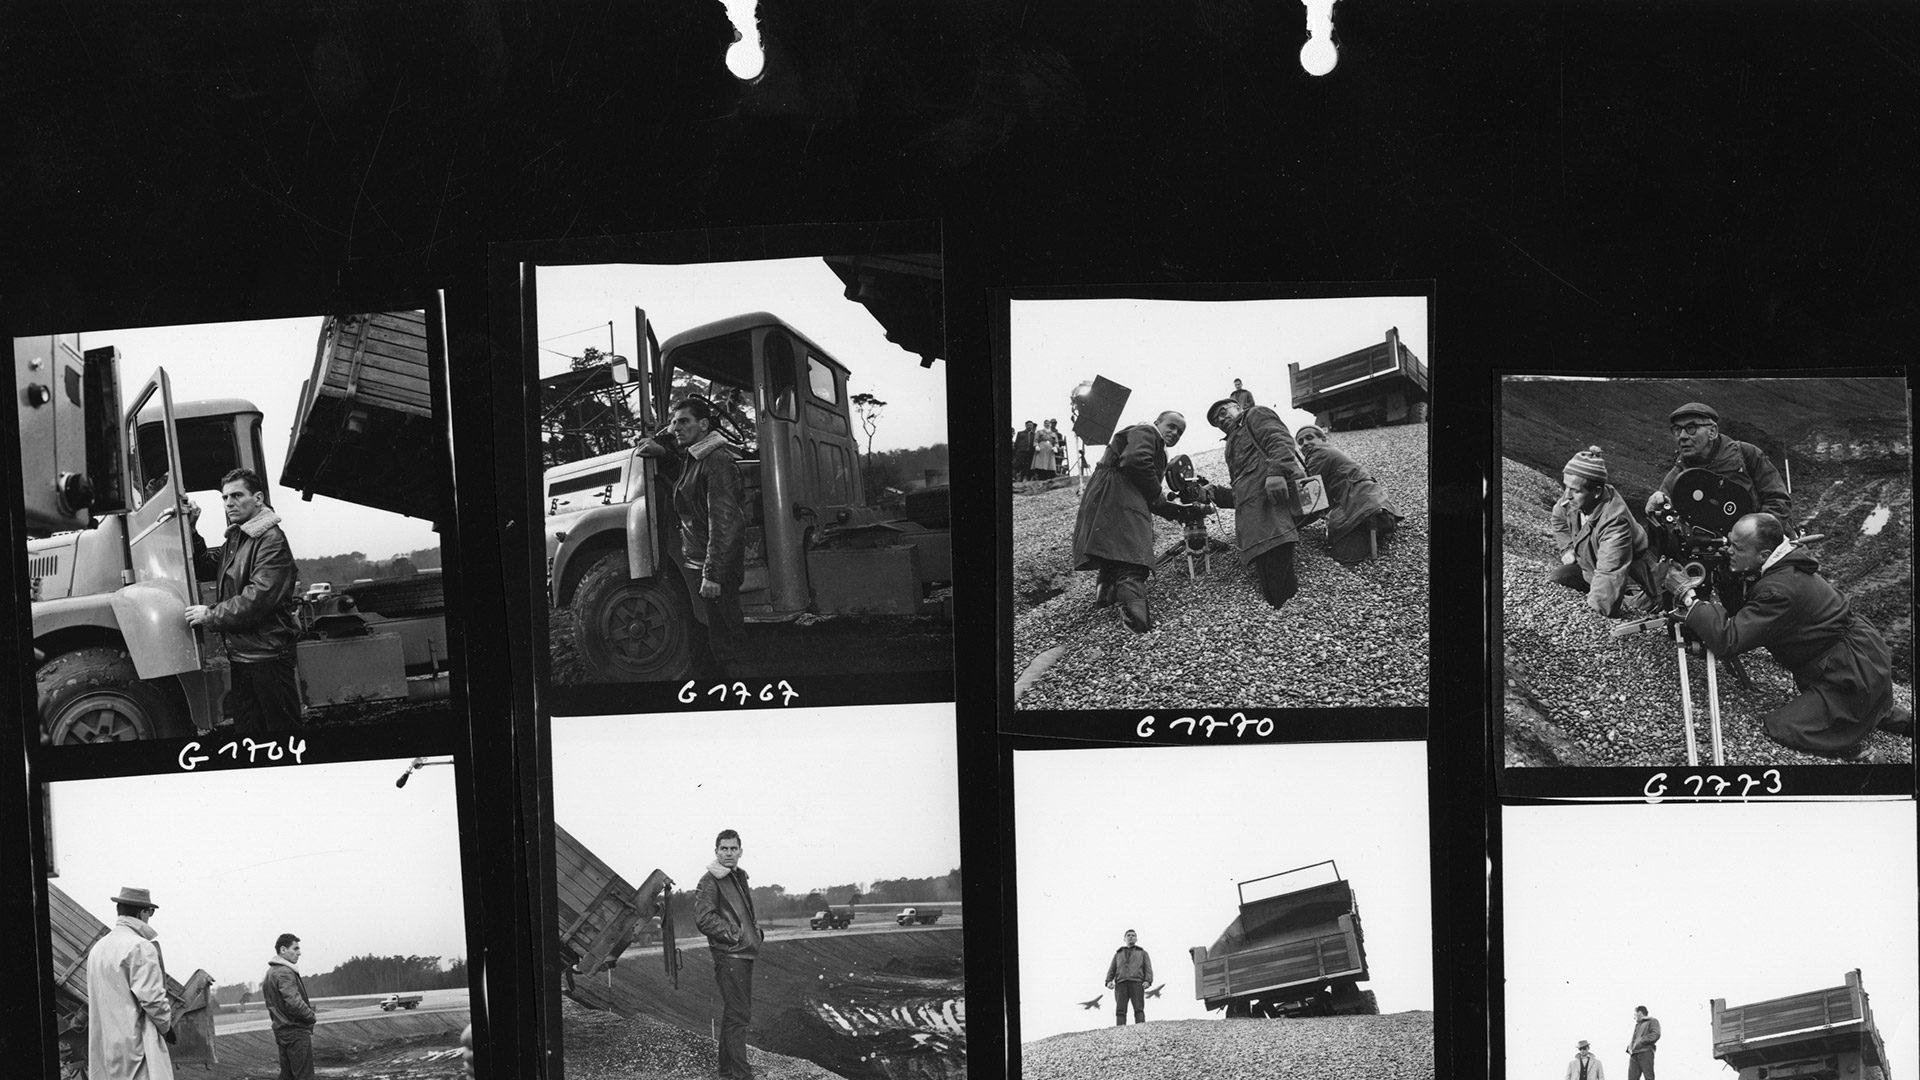 SCHWARZER KIES, 1960/61